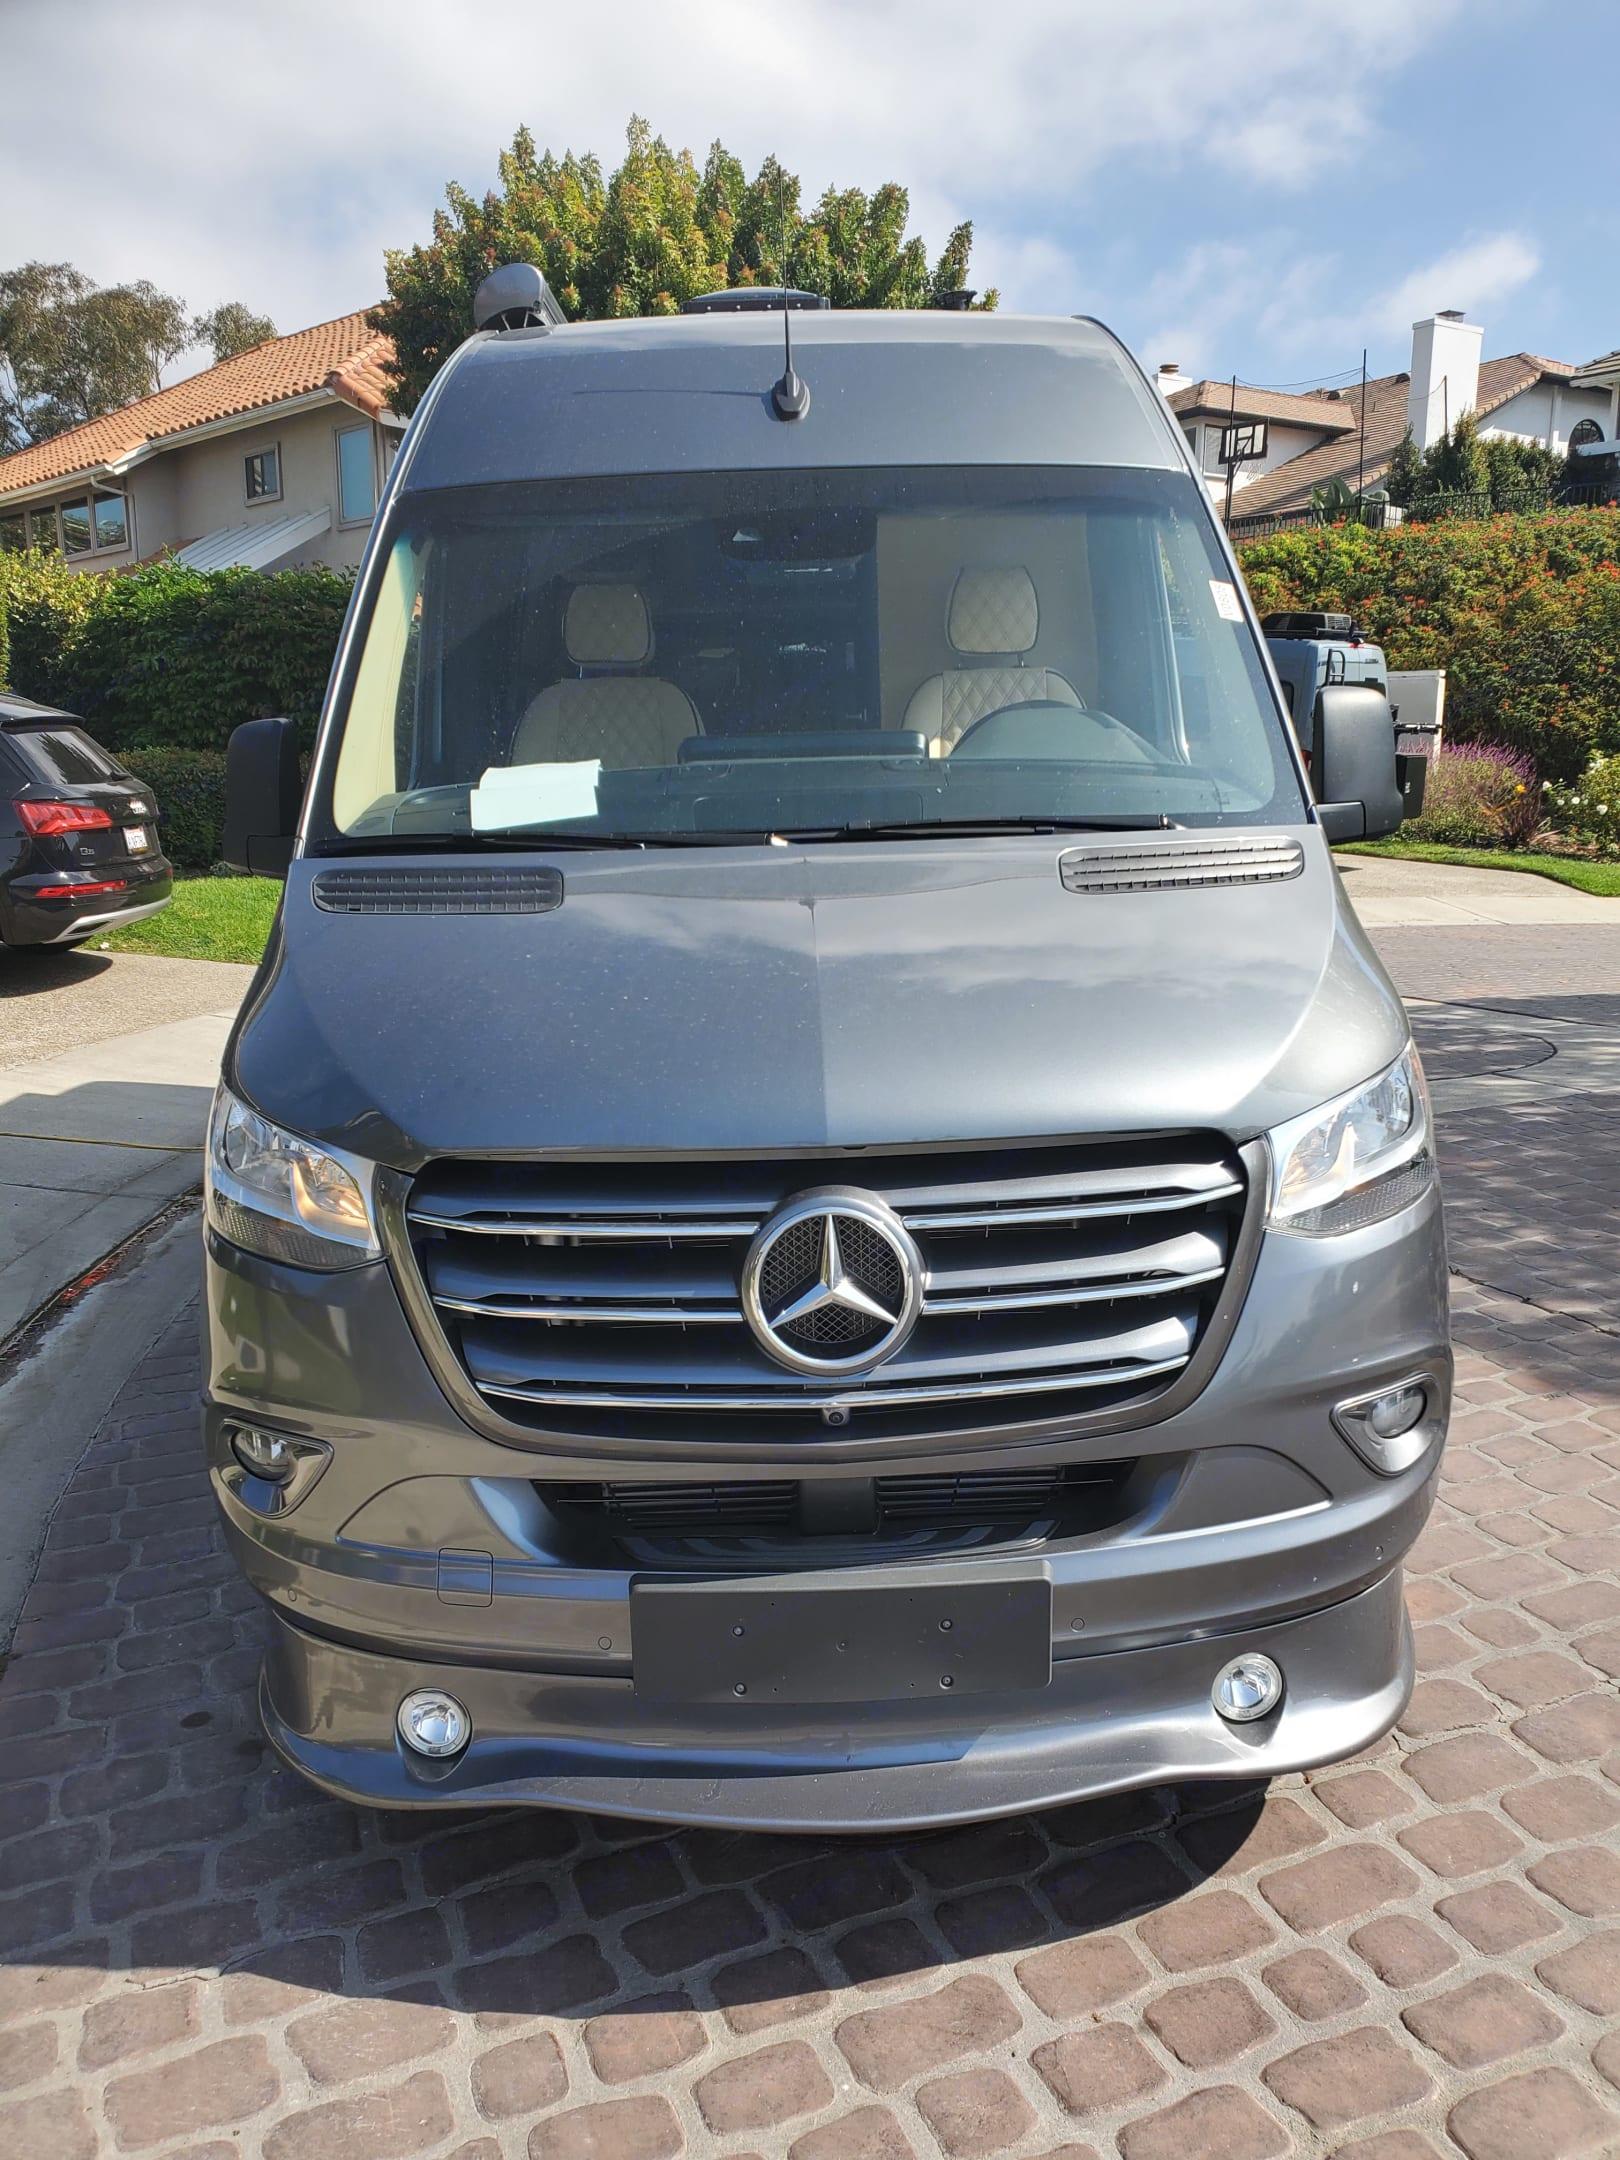 Mercedes-Benz Midwest Automotive Passage FD2 2020